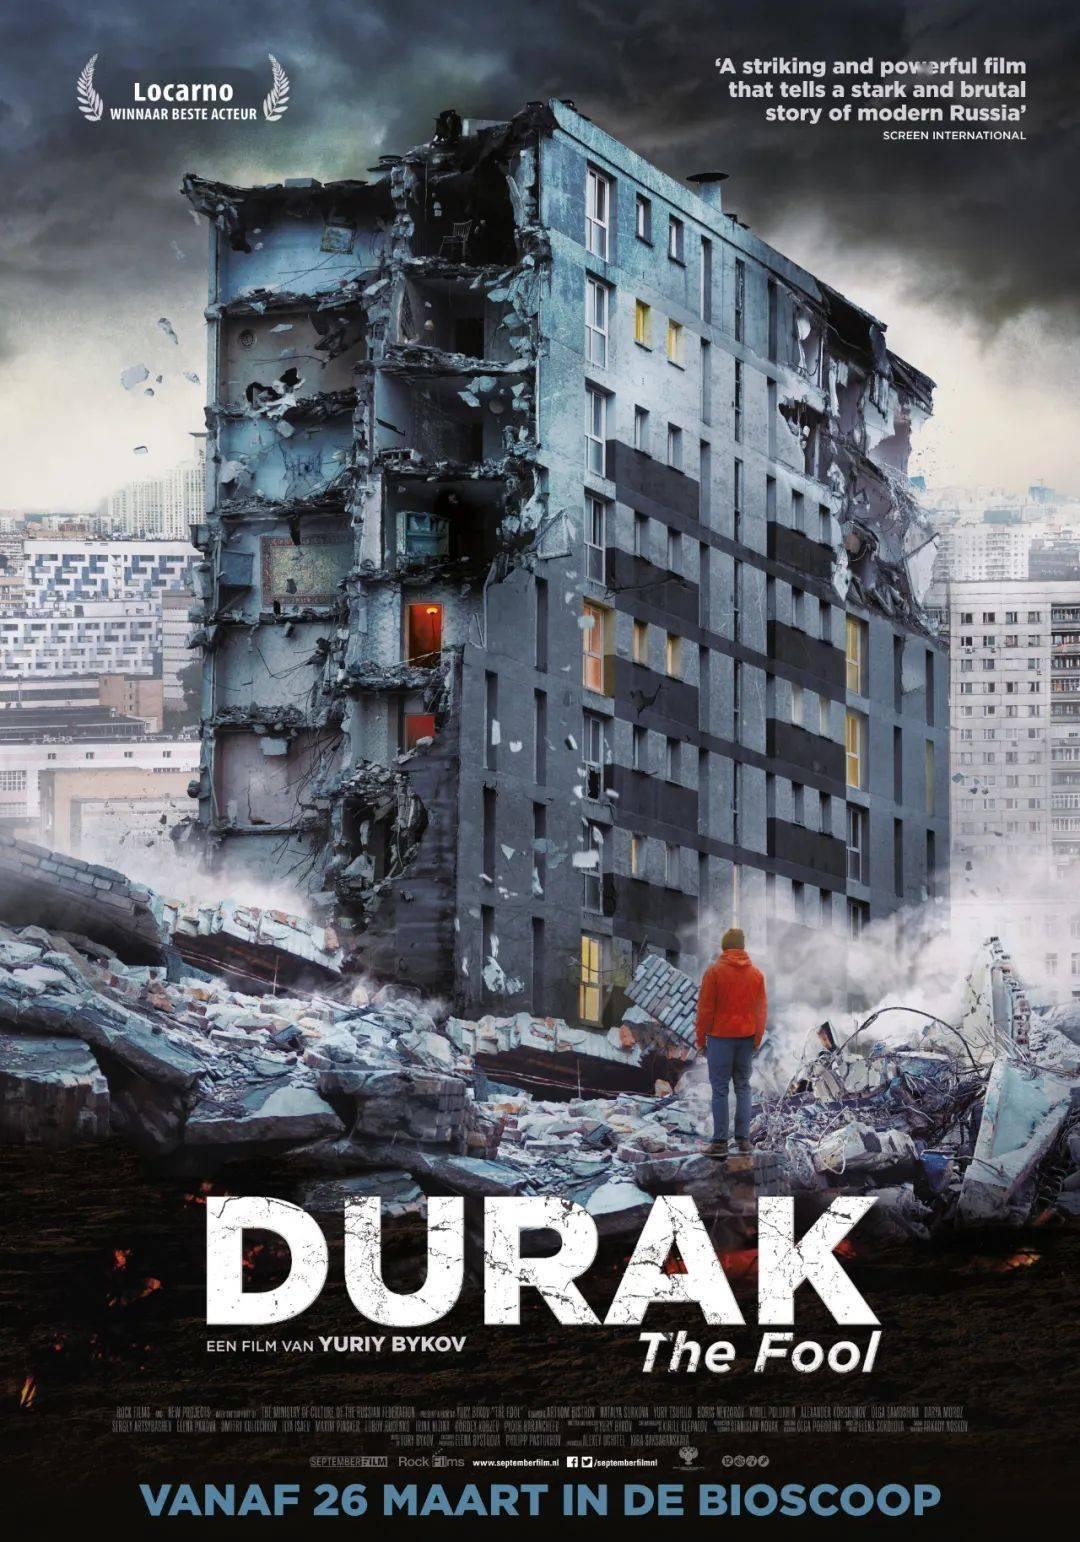 推荐《爆炸》等12部最新上映的影片_4321经典电影推荐